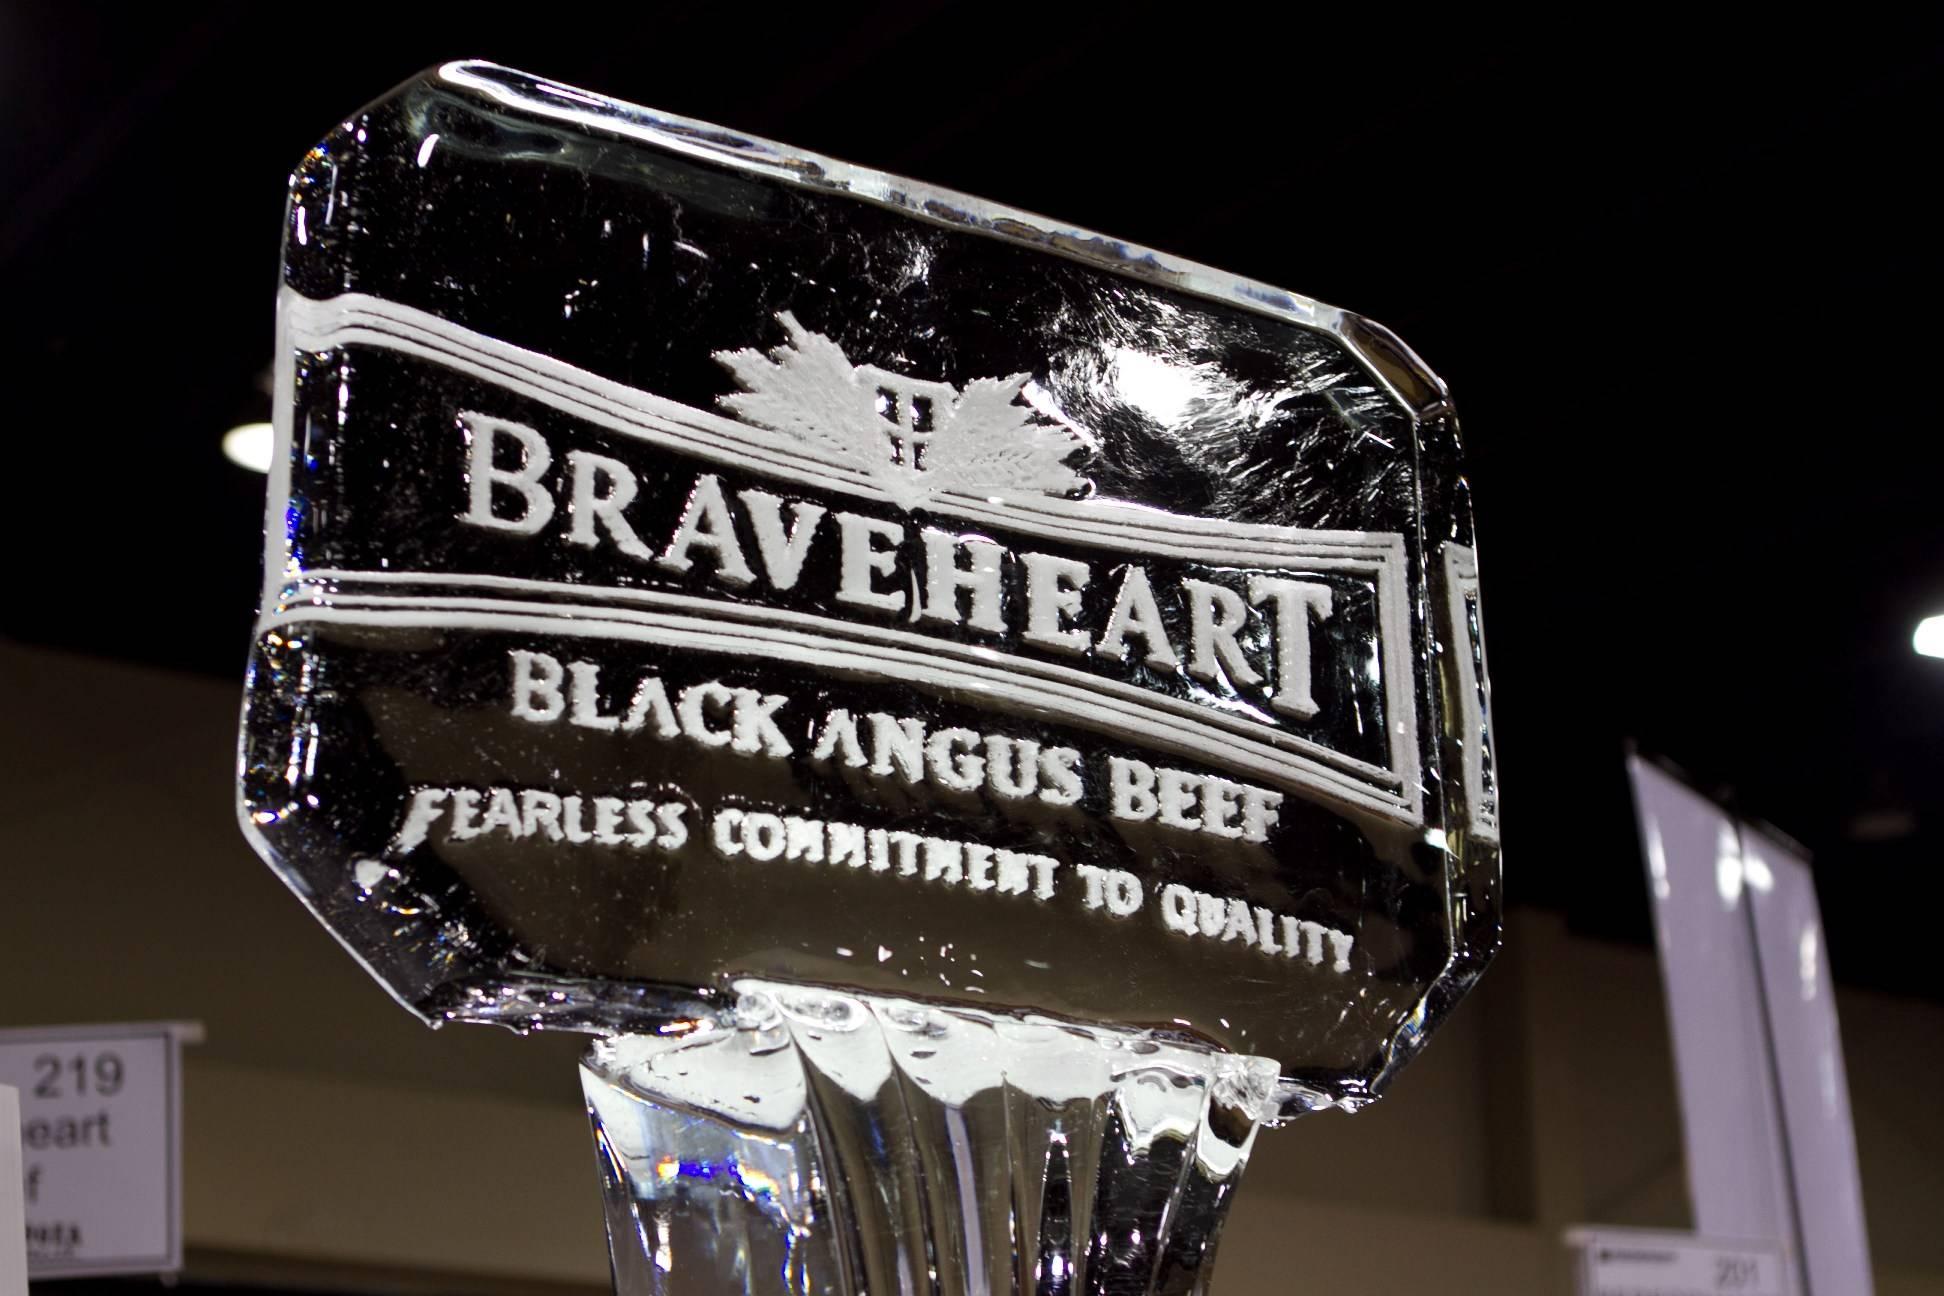 BraveHeart Black Angus Plaque